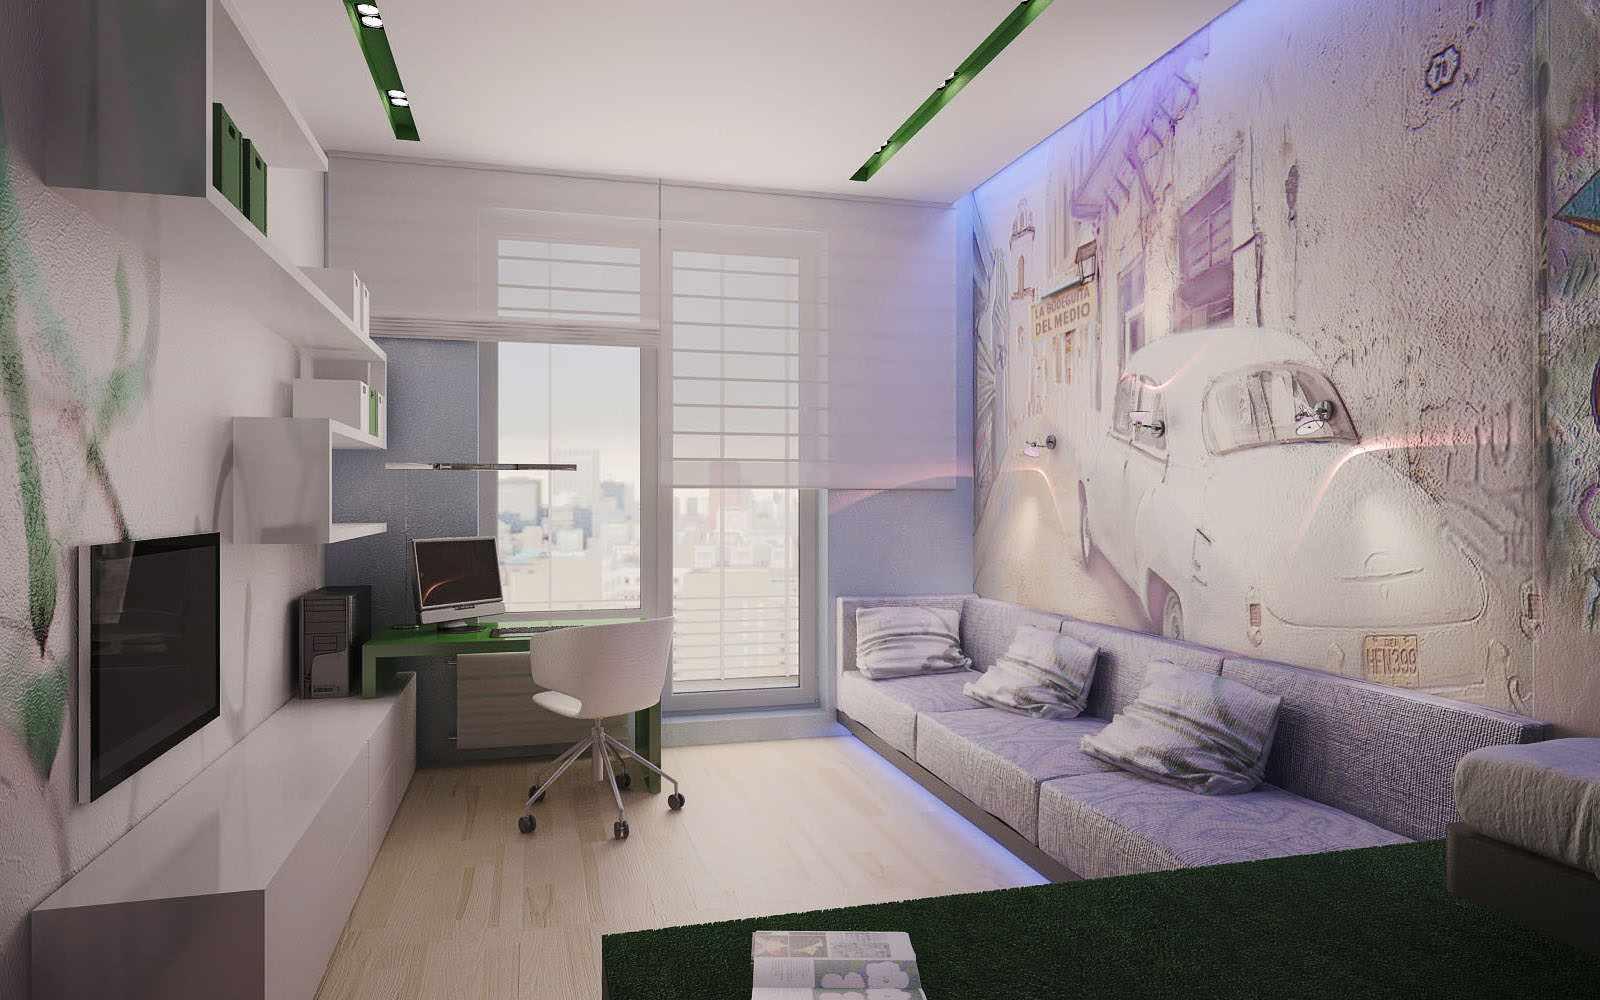 ý tưởng về một phòng khách phong cách tươi sáng 19-20 m2